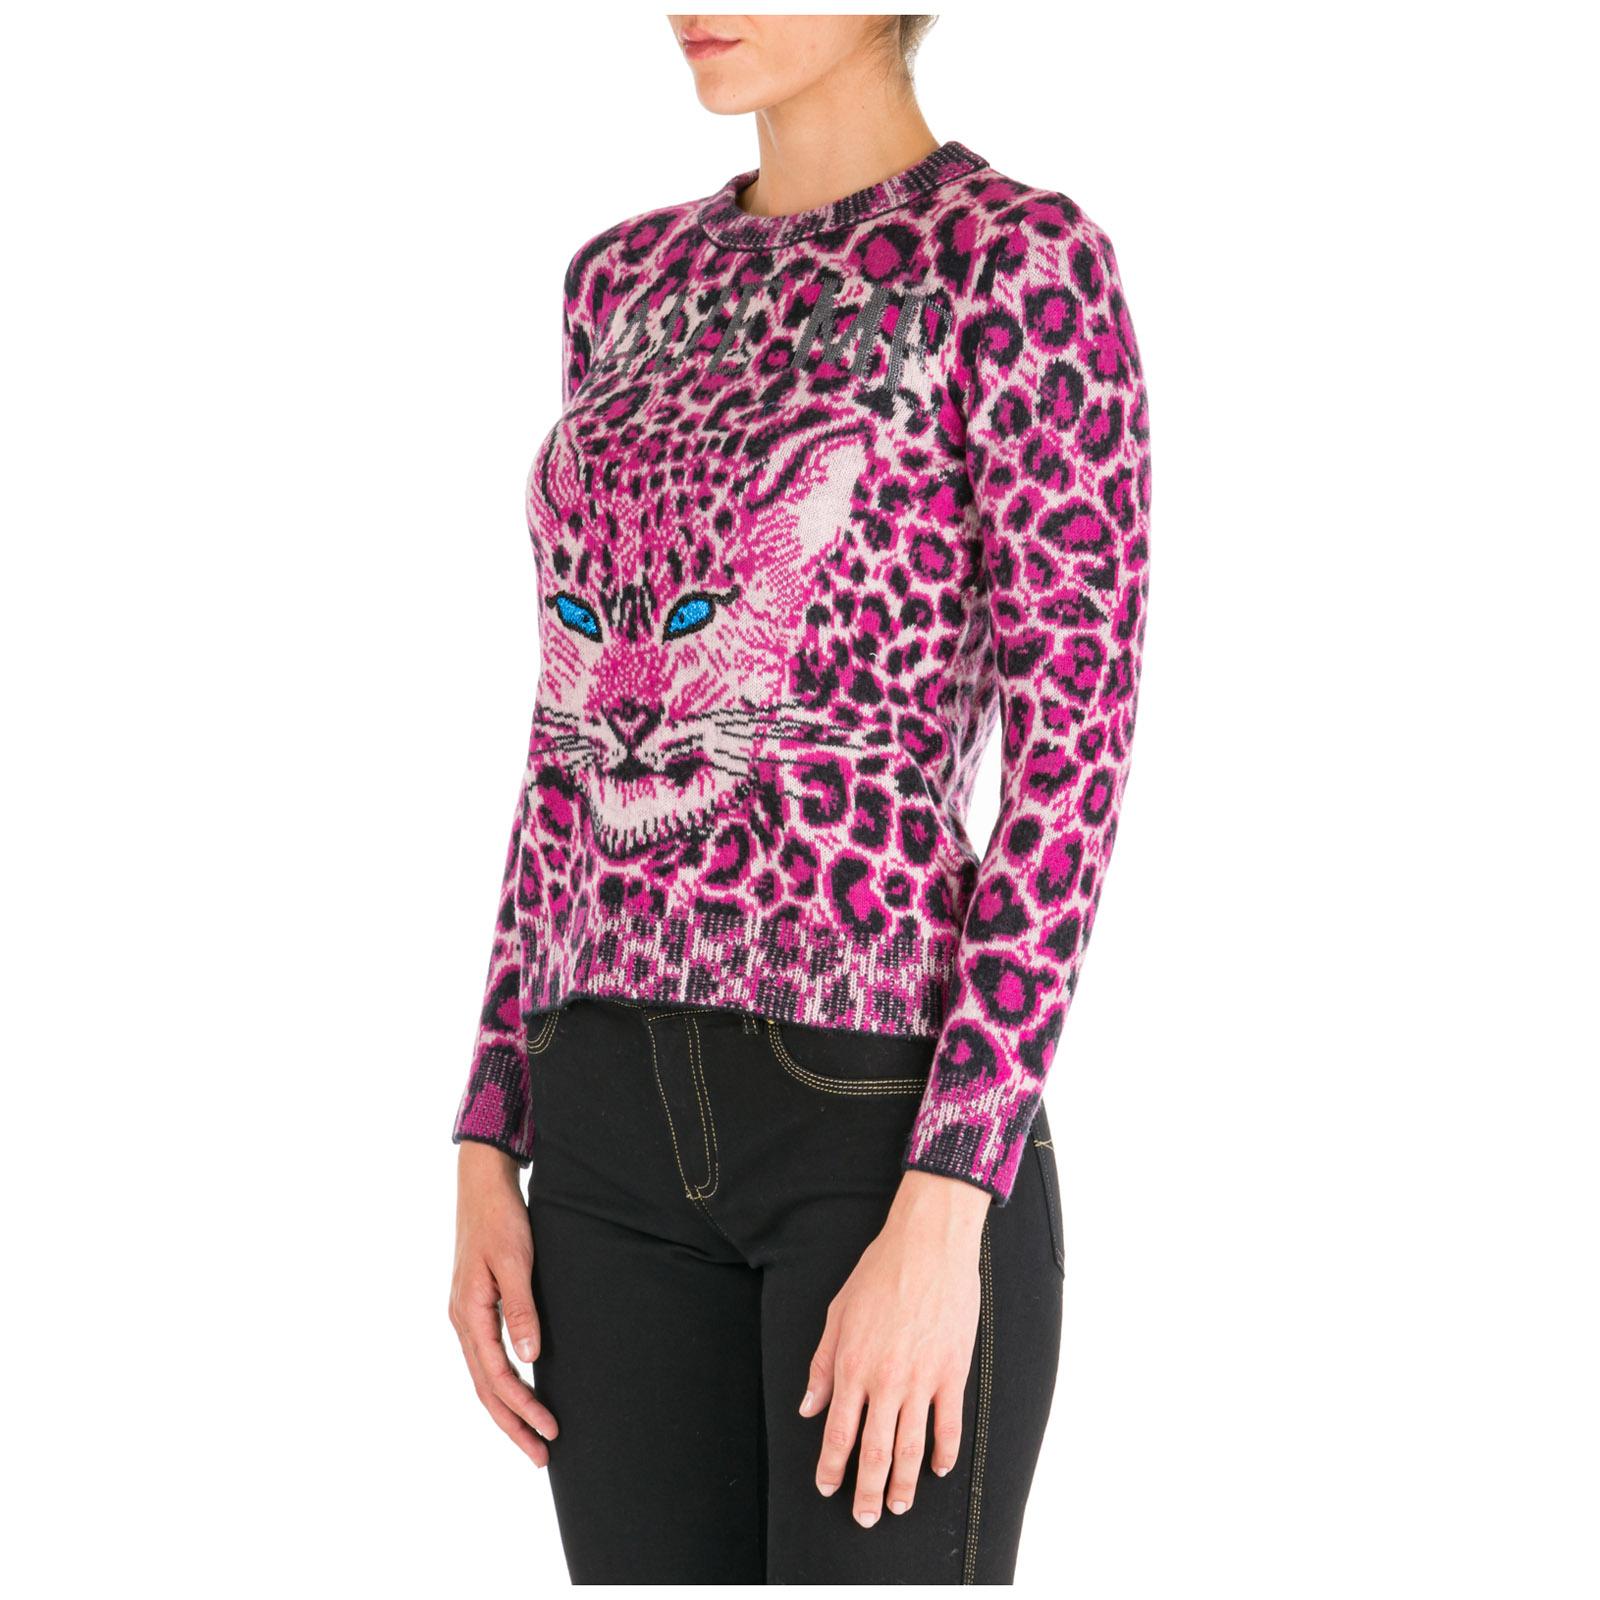 Women's jumper sweater crew neck round love me wild